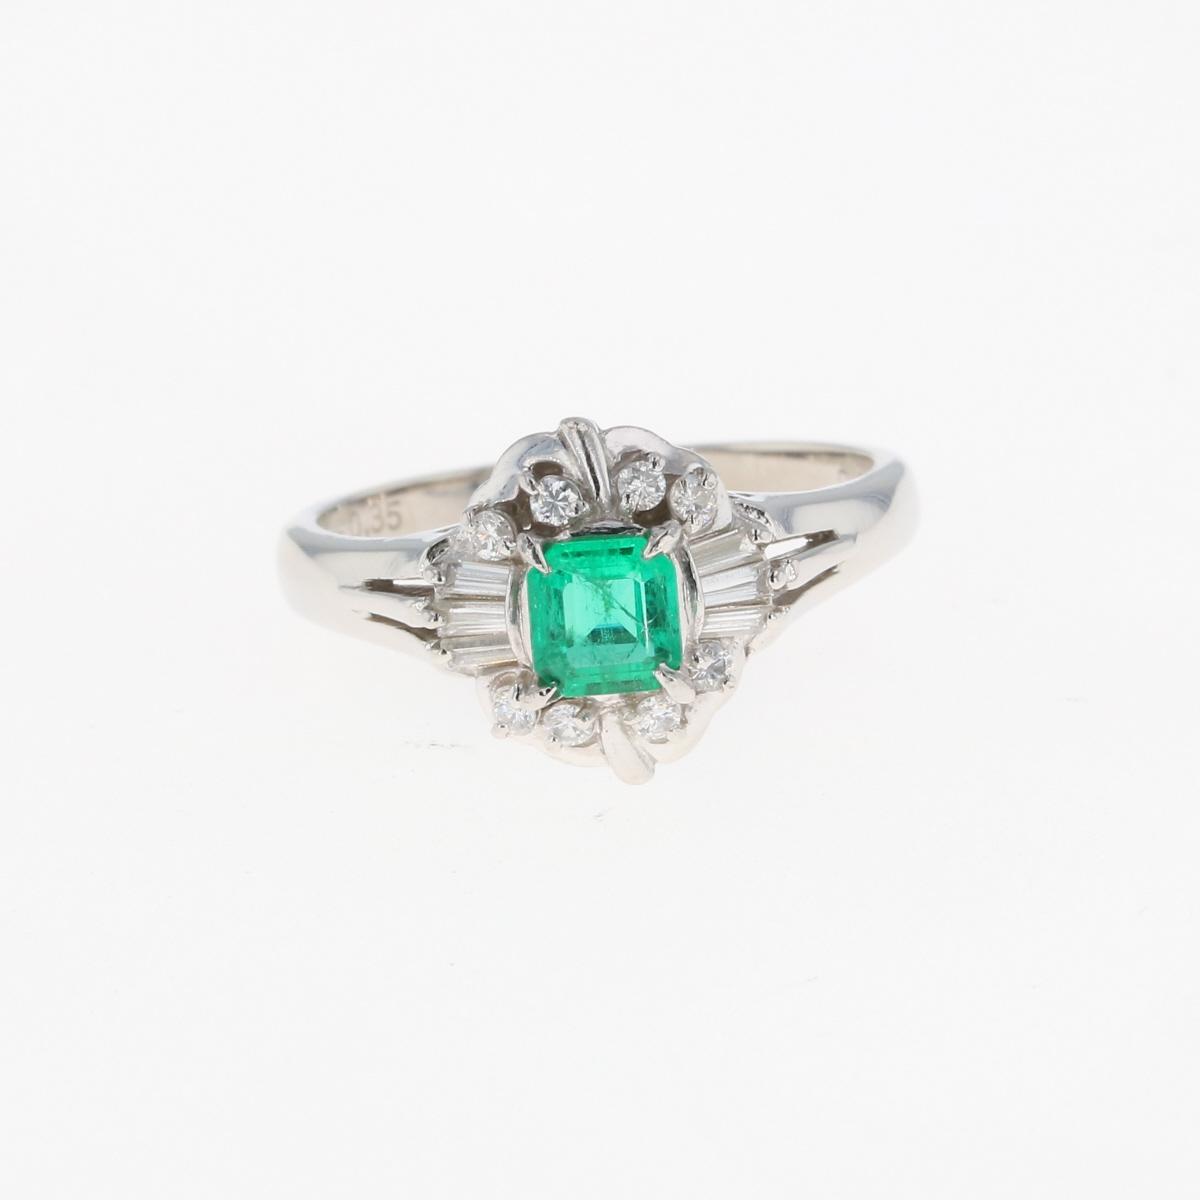 USED 送料無料 エメラルド デザイン リング 激安 年間定番 激安特価 プラチナ メレダイヤ 指輪 Pt900 ダイヤモンド 中古 14号 レディース